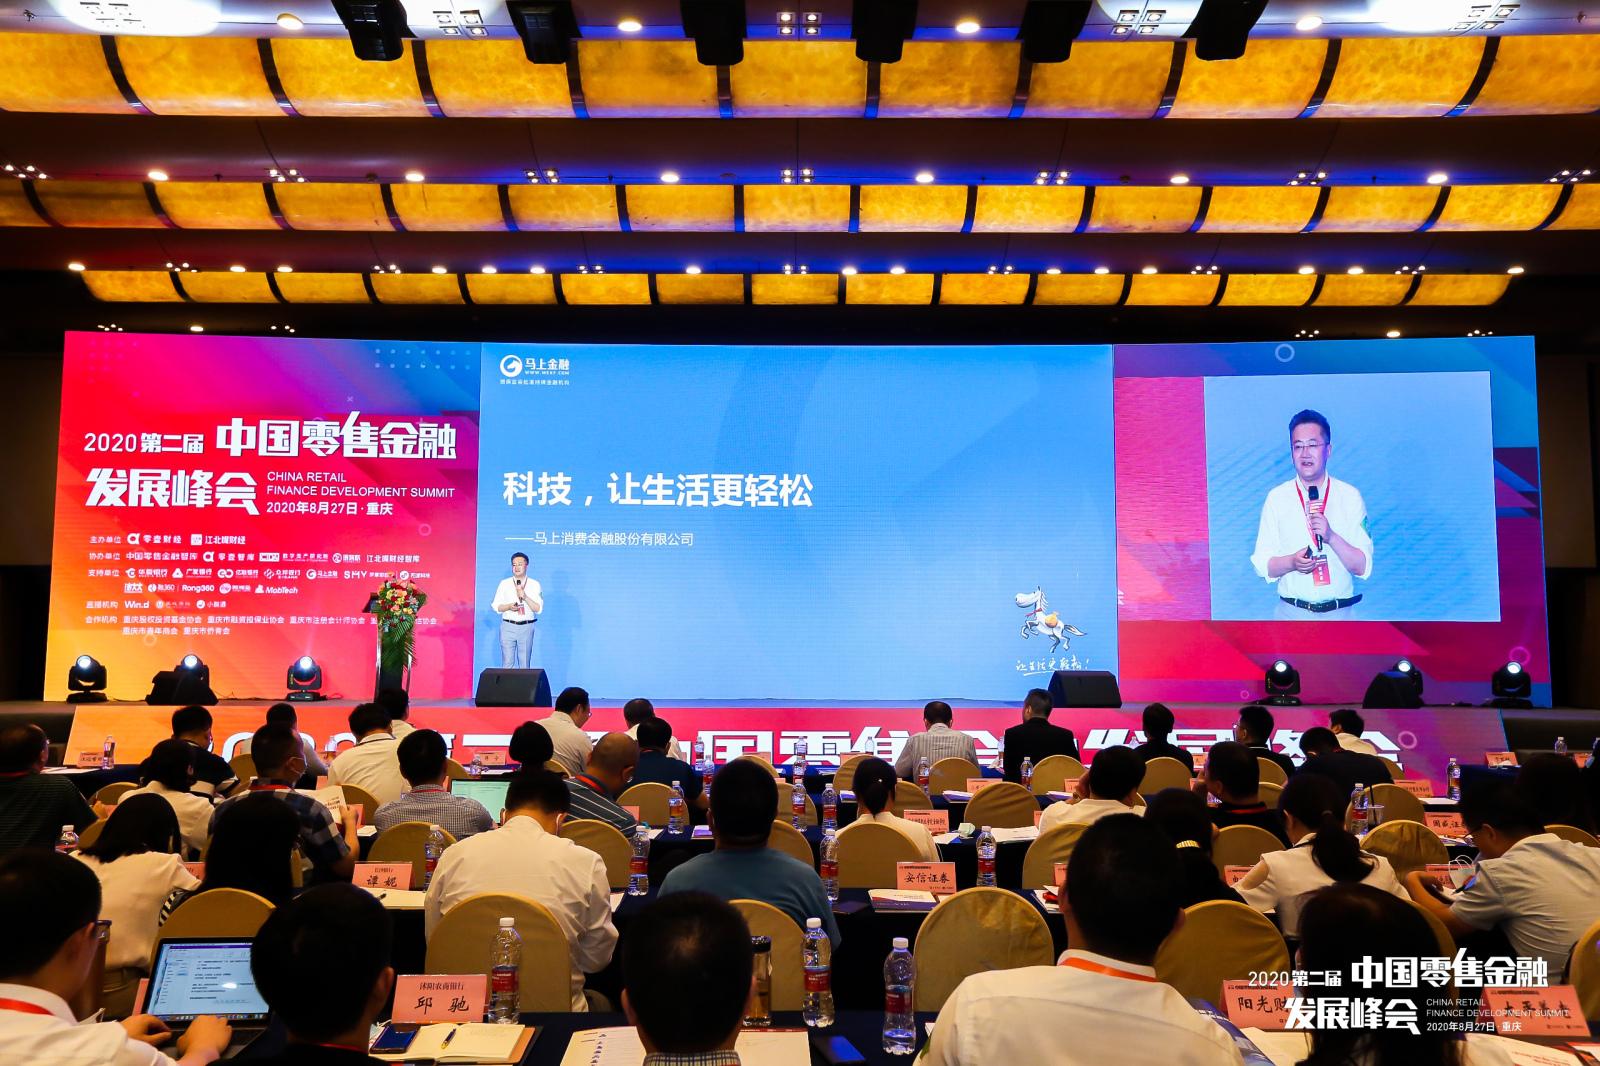 马上金融首席信息官蒋宁:零售金融的数据中台战略和数据型组织